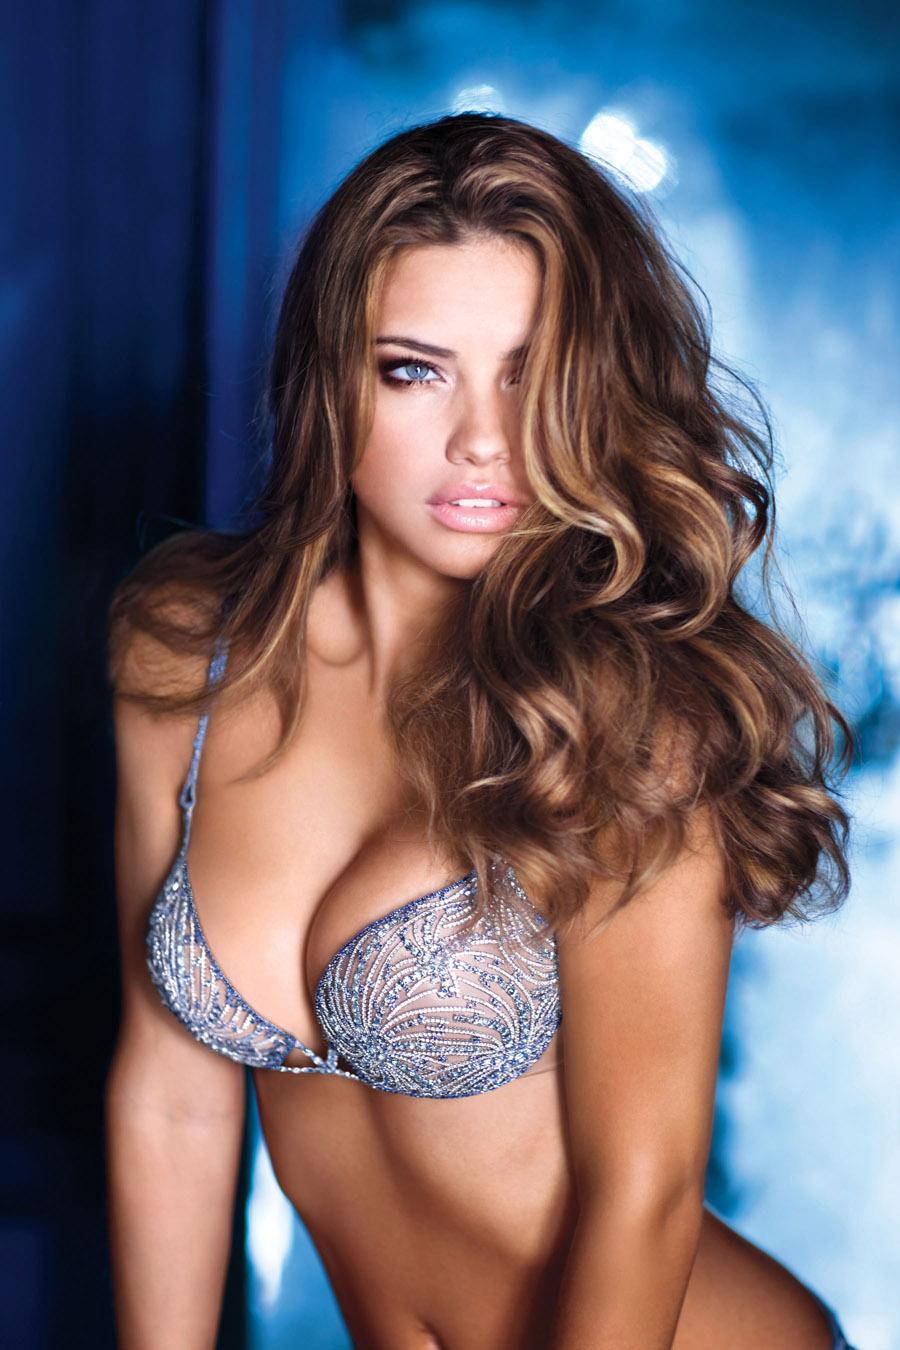 http://3.bp.blogspot.com/-IHL2umlGpaY/ThCx8-Q6nyI/AAAAAAAACYI/YOYxu4HM_Gs/s1600/Adriana-Lima-in+bra+hot+photo.jpg